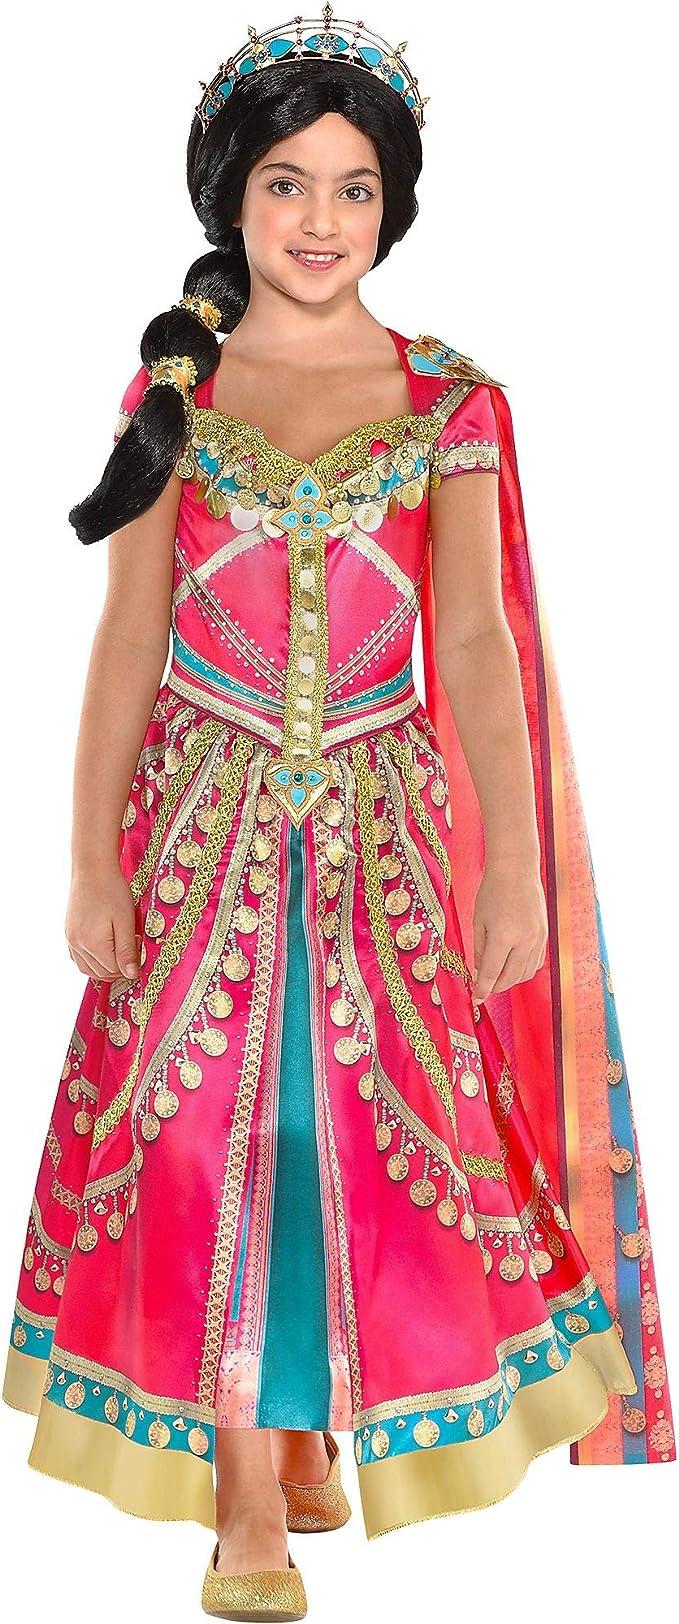 Amazon.com: Disfraz de jazmín rosa para niños, incluye un ...